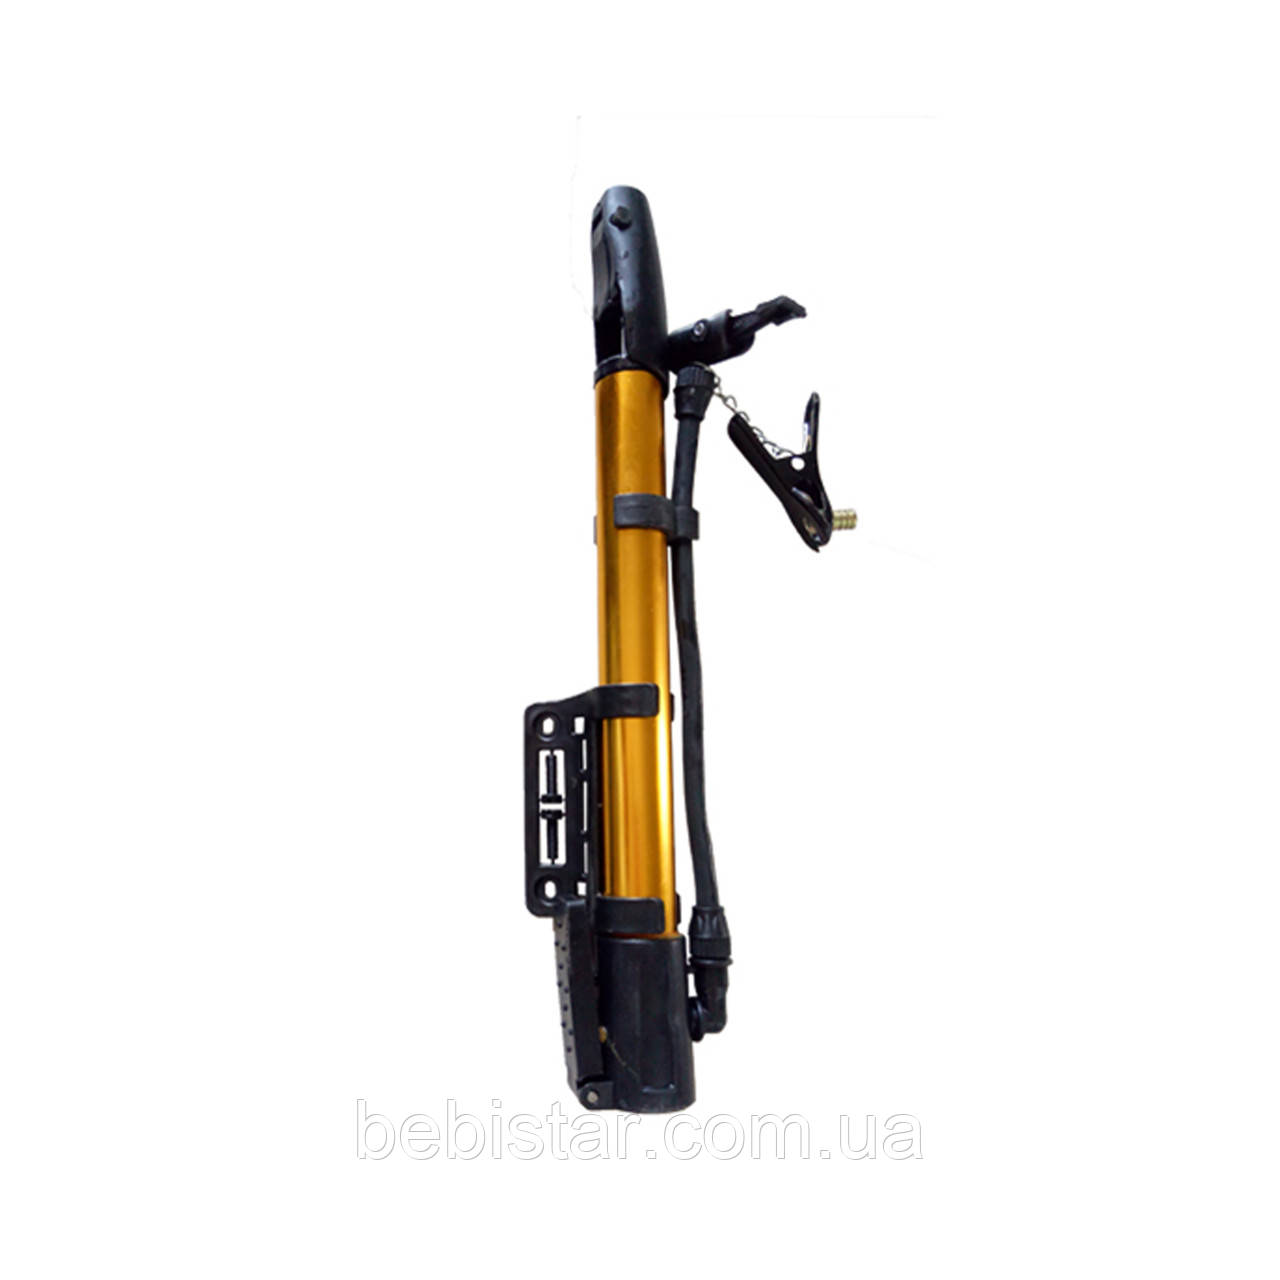 Универсальный ручной насос предназначен для надувания колес велосипедов и колясок, мячей, надувных изделий Золотой